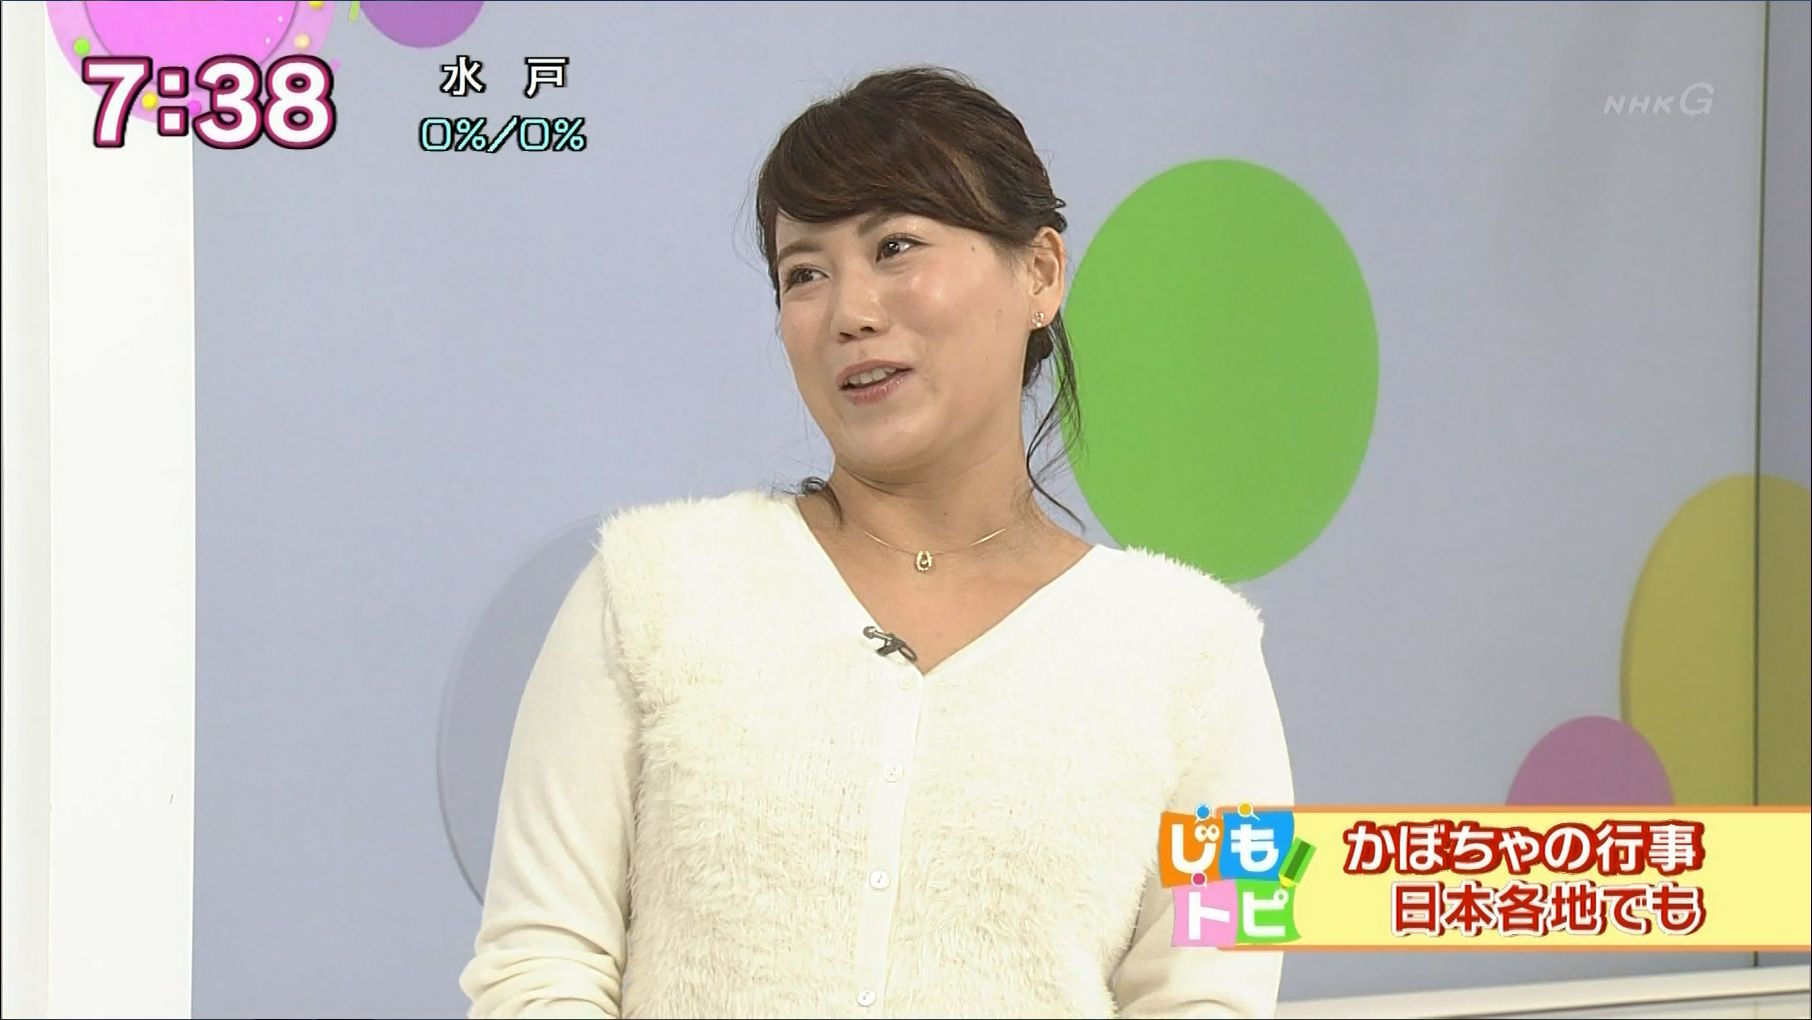 櫻井有里沙